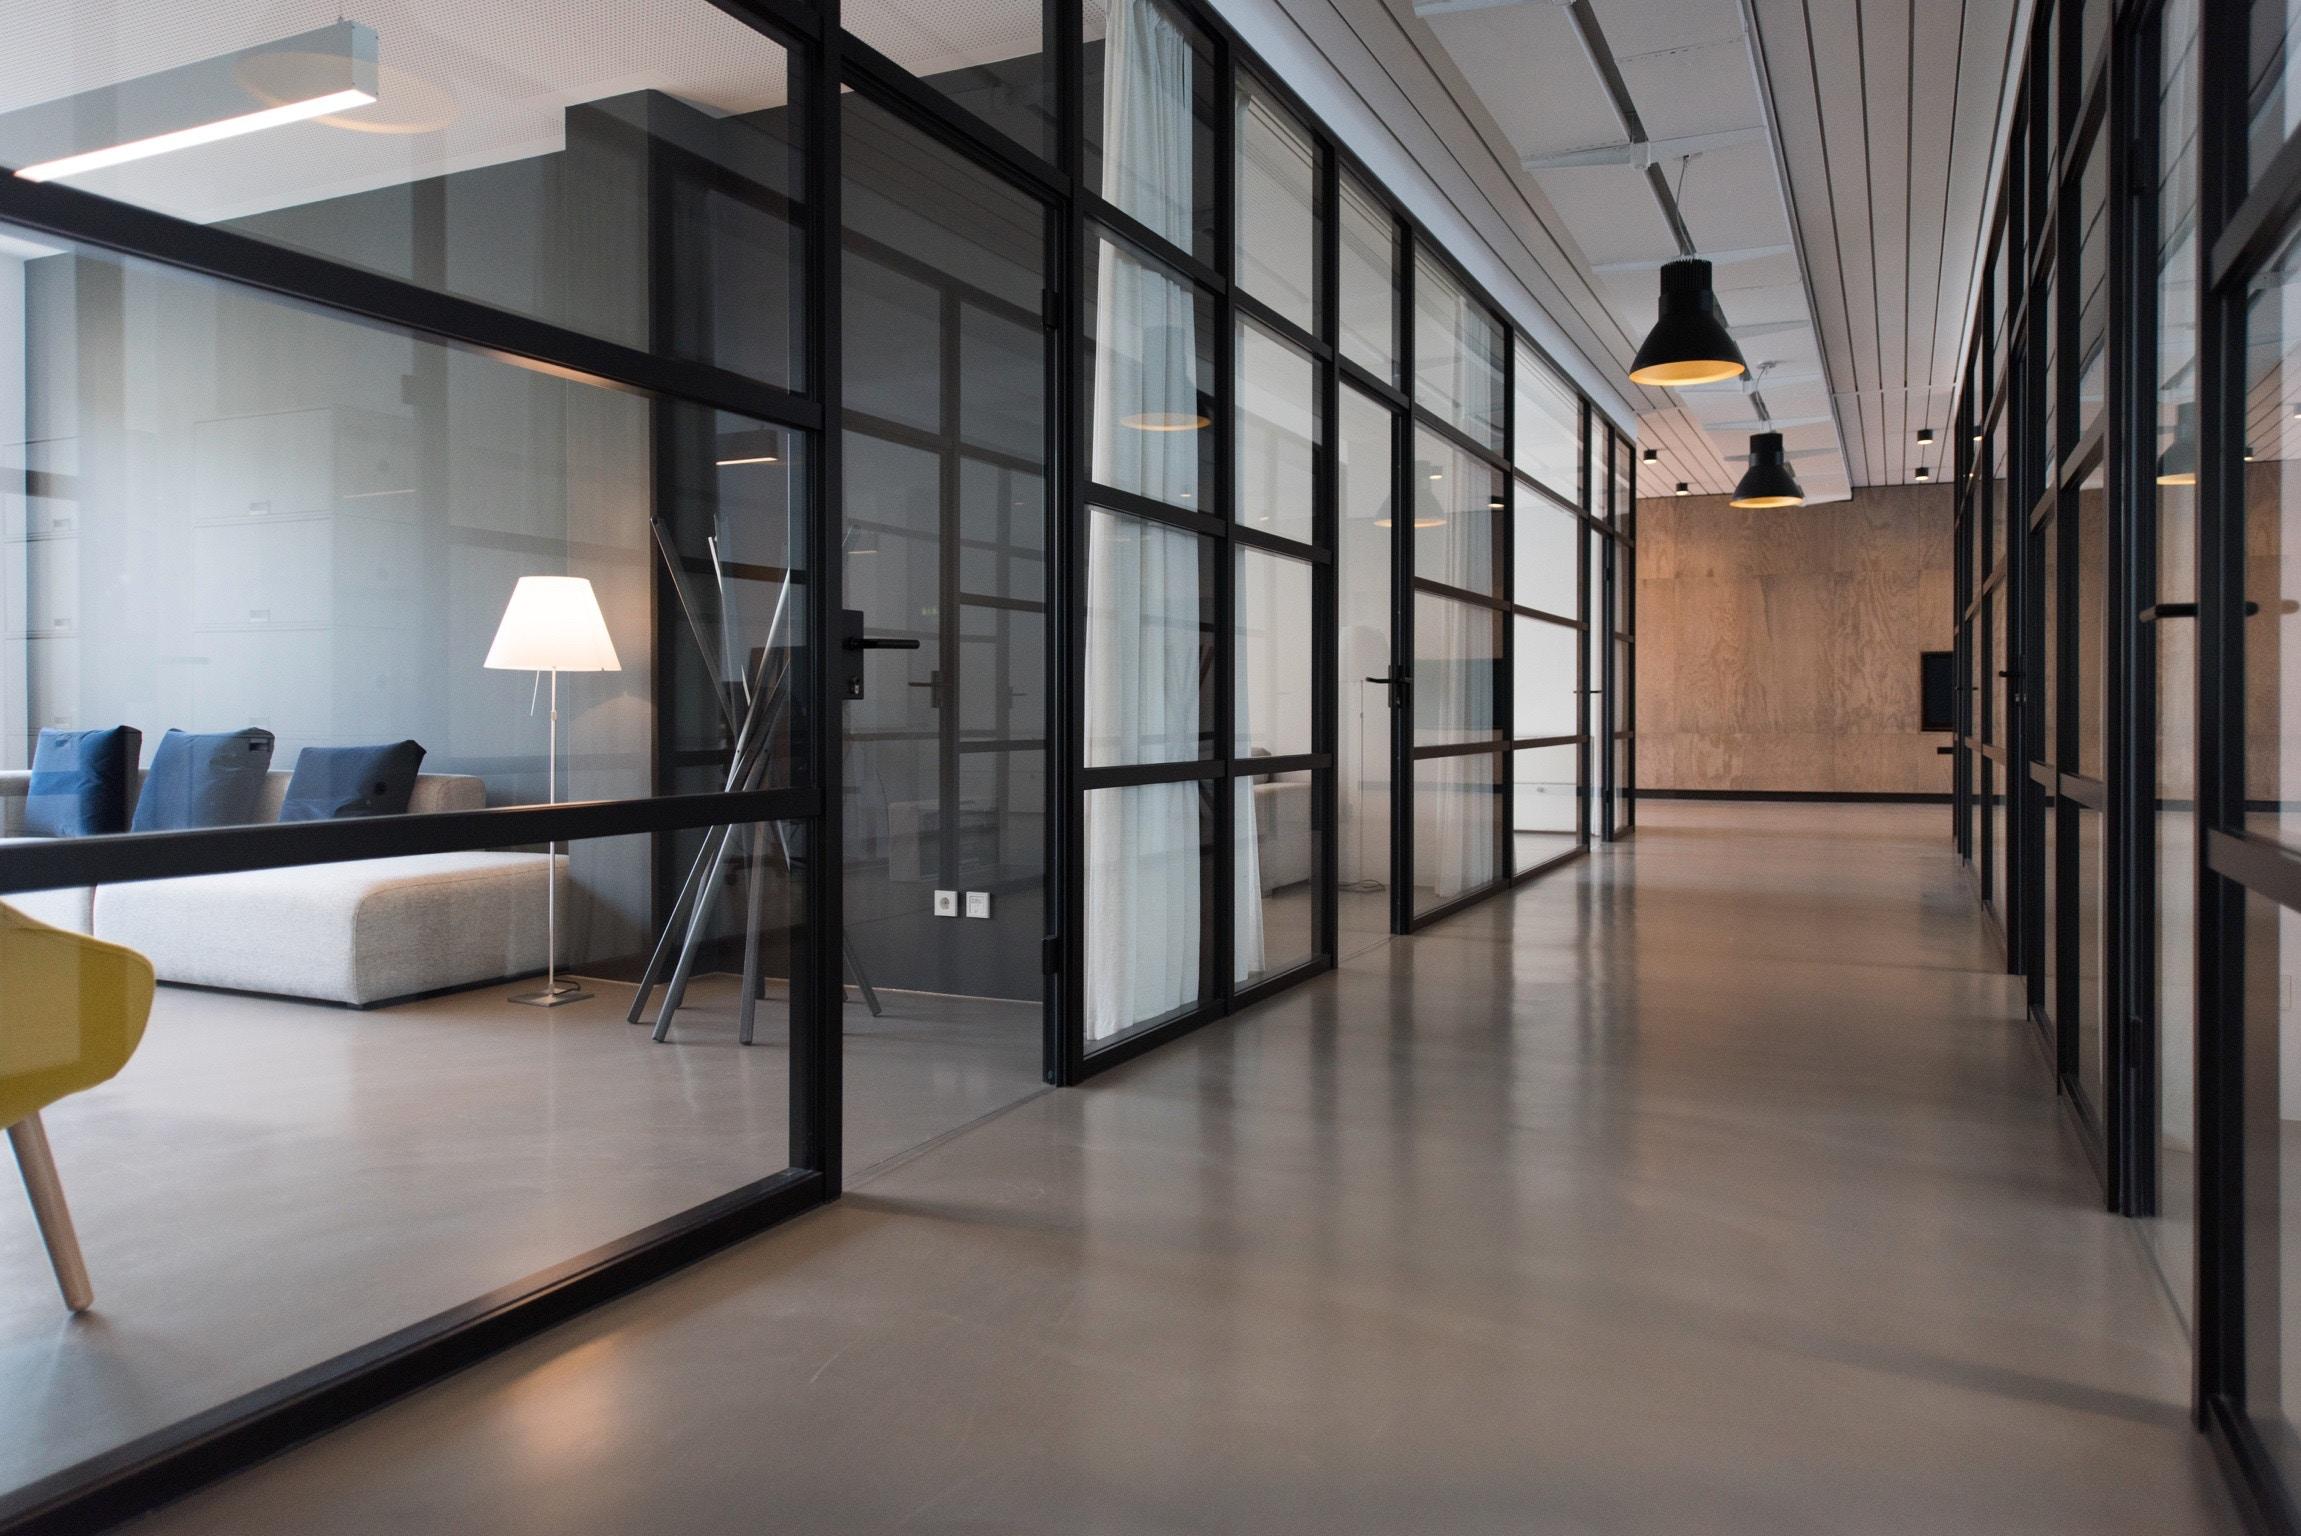 Stora varumärken som kunder - Bland våra kunder finns några av Sveriges största företag. Som konsult hos oss jobbar du nära marknadsavdelningar och inhouse-byråer för att tillsammans med kunden ta fram hållbara idéer och kreativa lösningar.